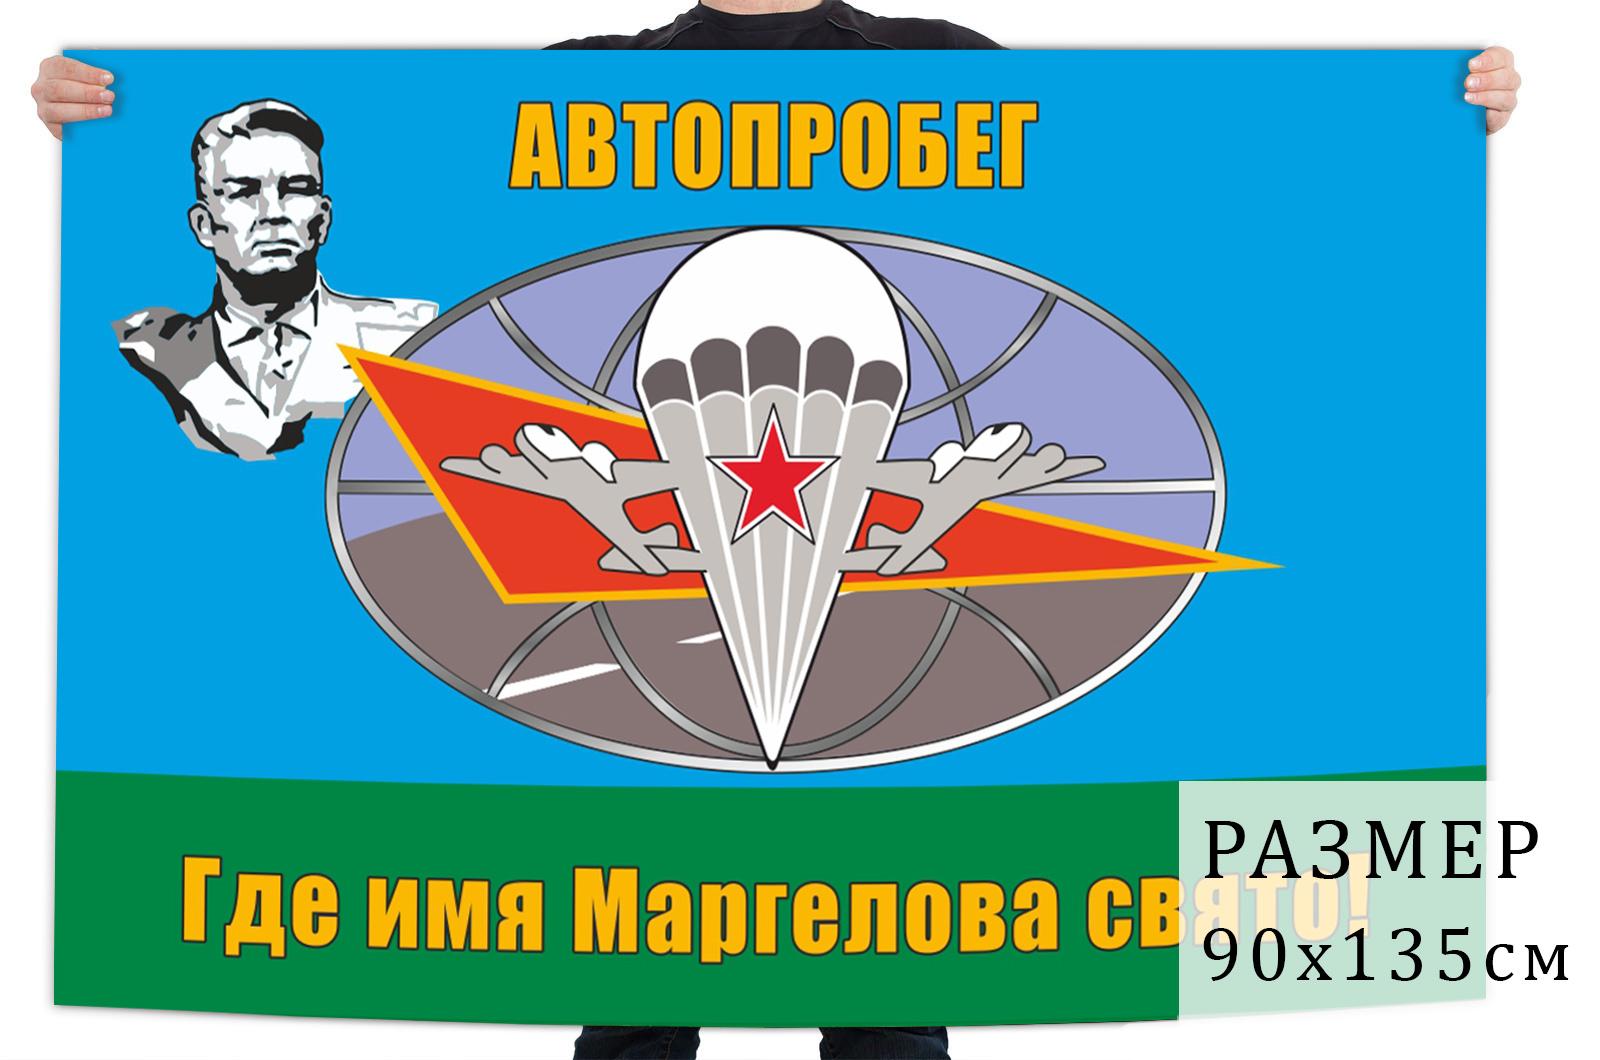 Флаг Автопробега ко дню рождения генерала Маргелова